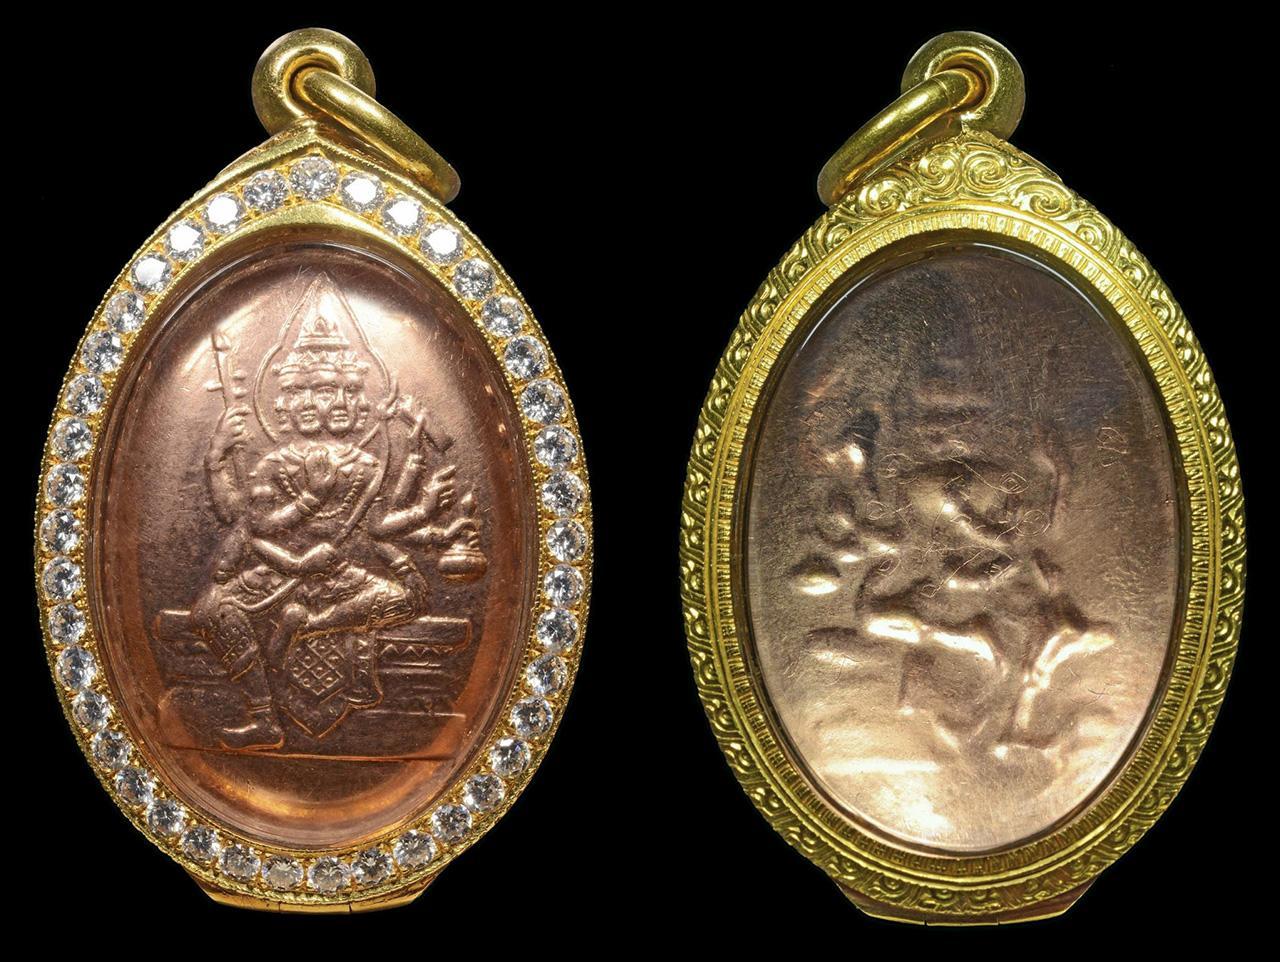 เหรียญพระพรหม เนื้อนาค อ.เฮง ไพรวัลย์ ของ เพชร อิทธิ.